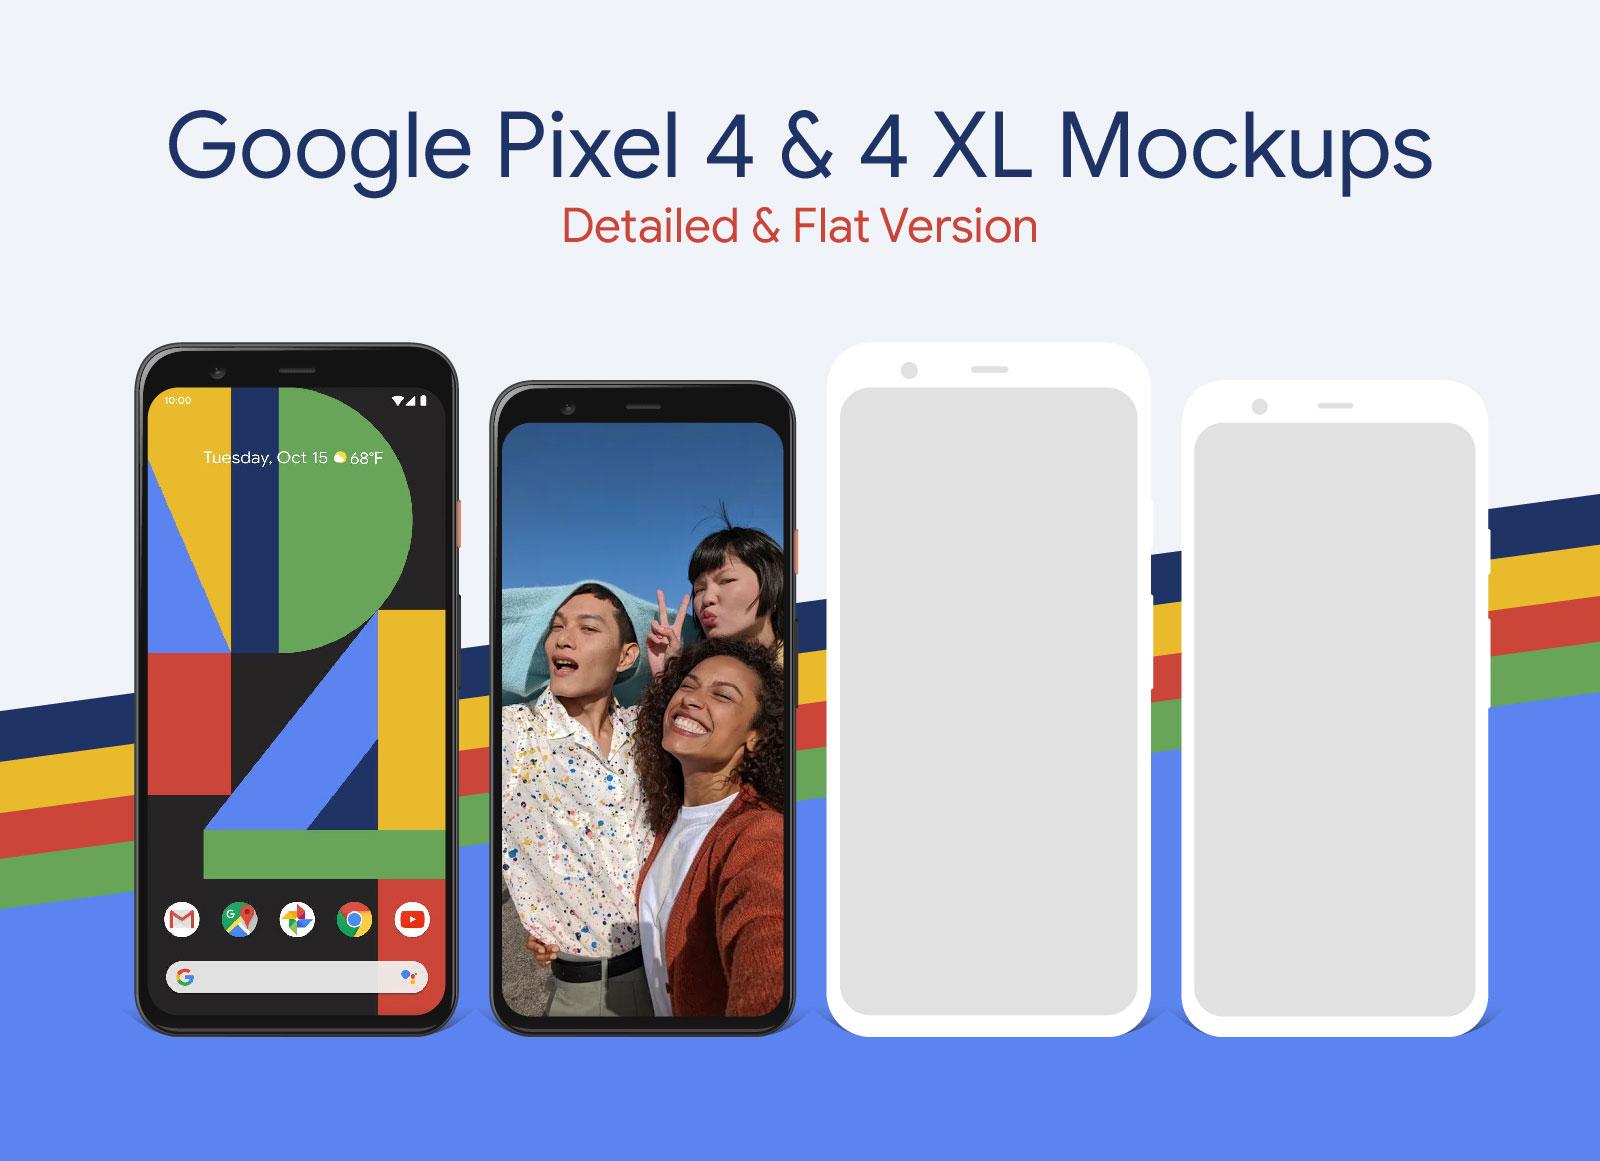 Free-Google-Pixel-4-&-4-XL-Mockup-PSD-&-Ai-01